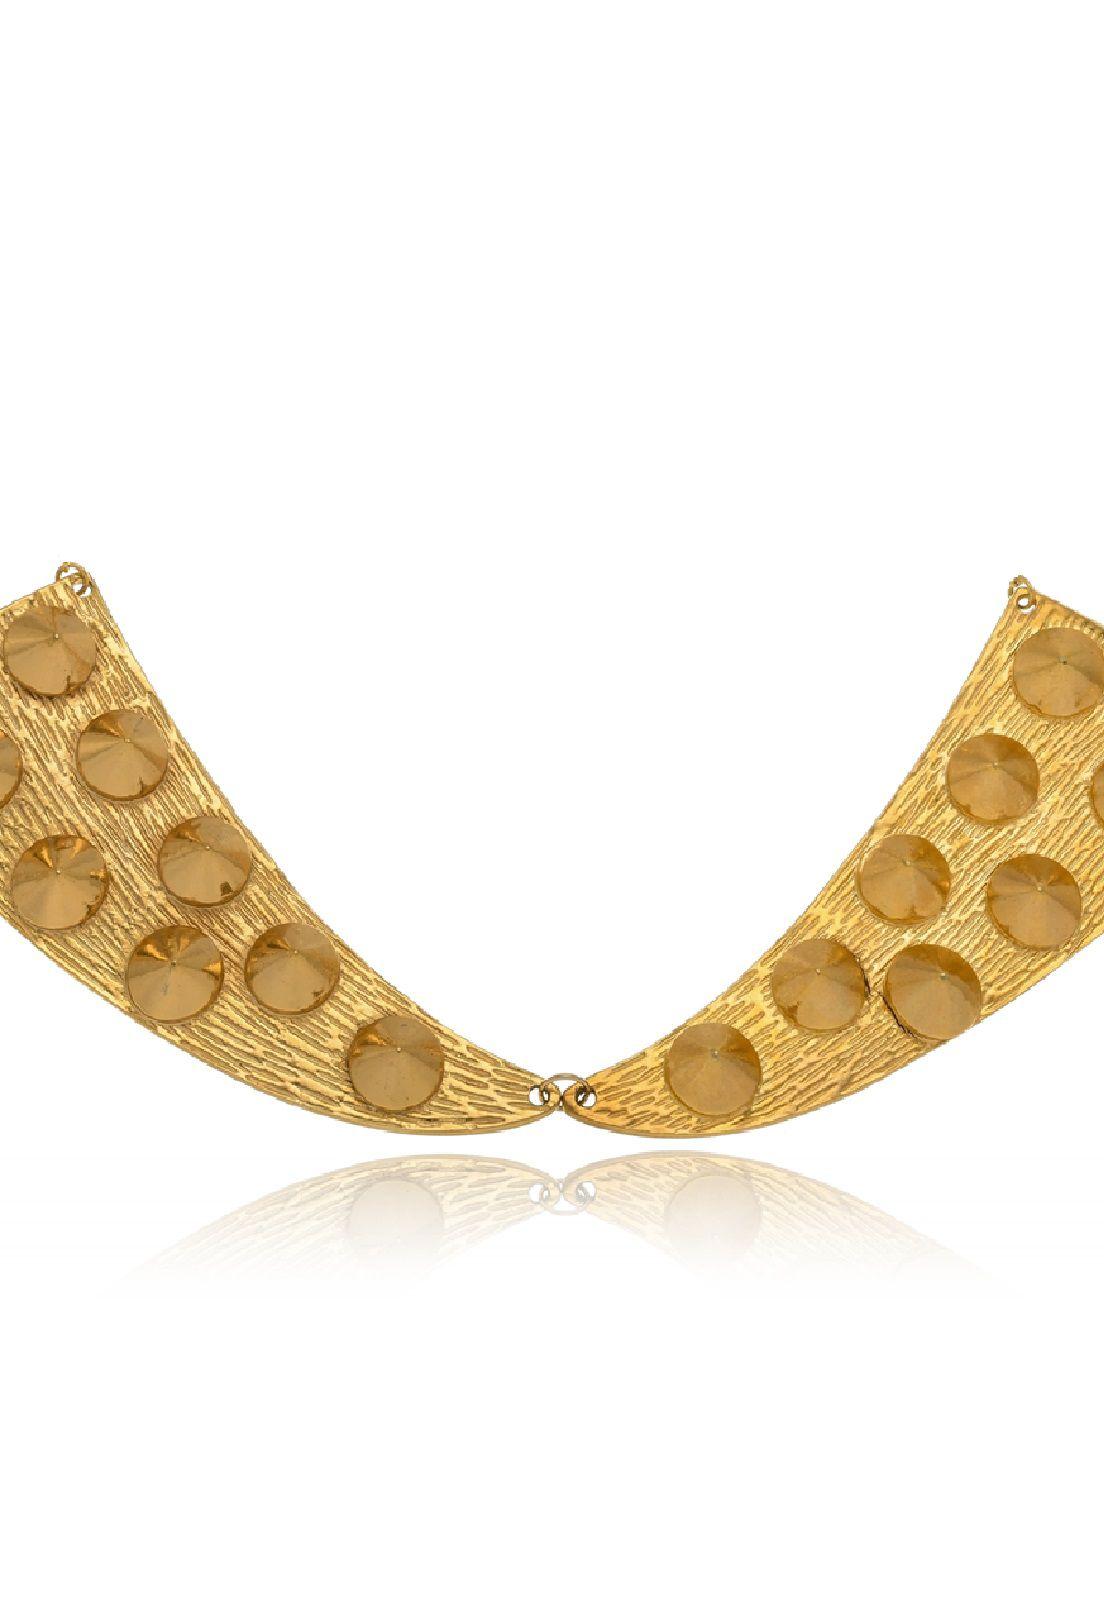 Colar Le Diamond Chapa Spikes Dourado